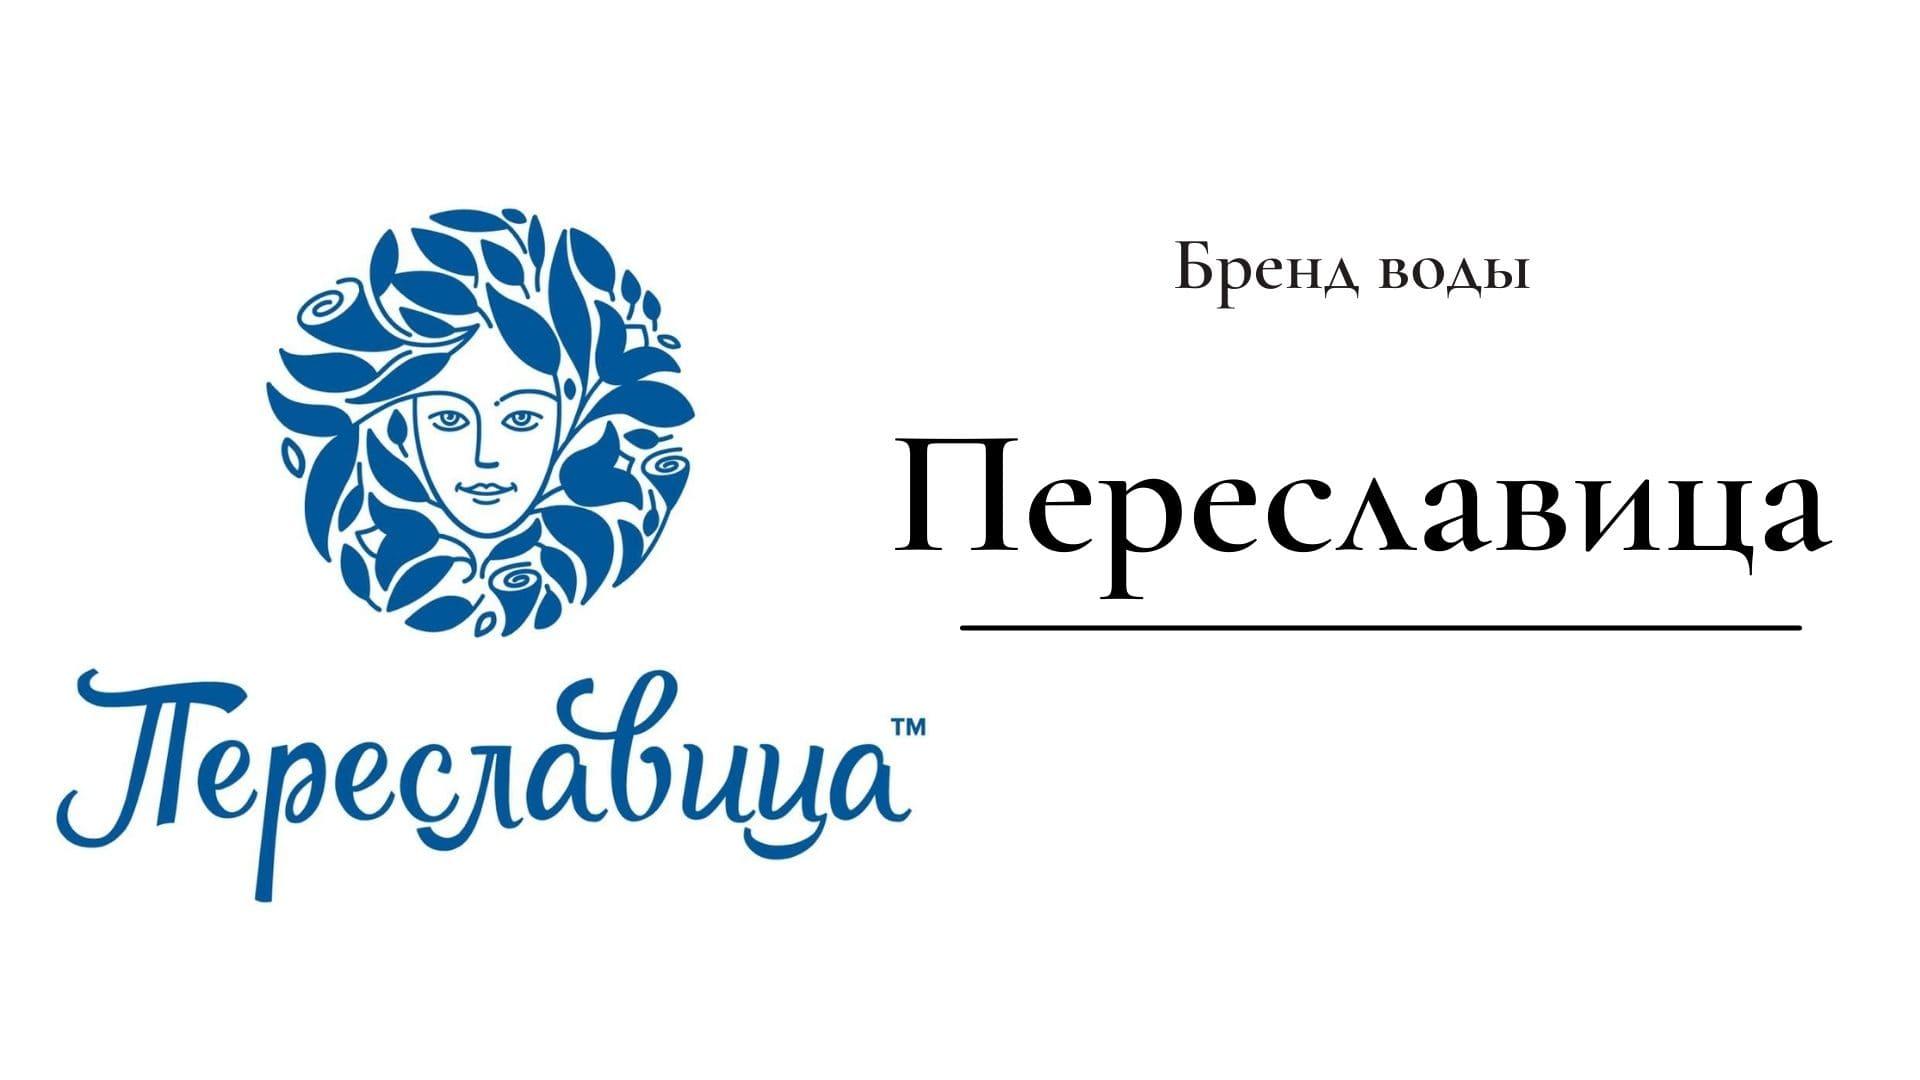 бренд Переславица логотип